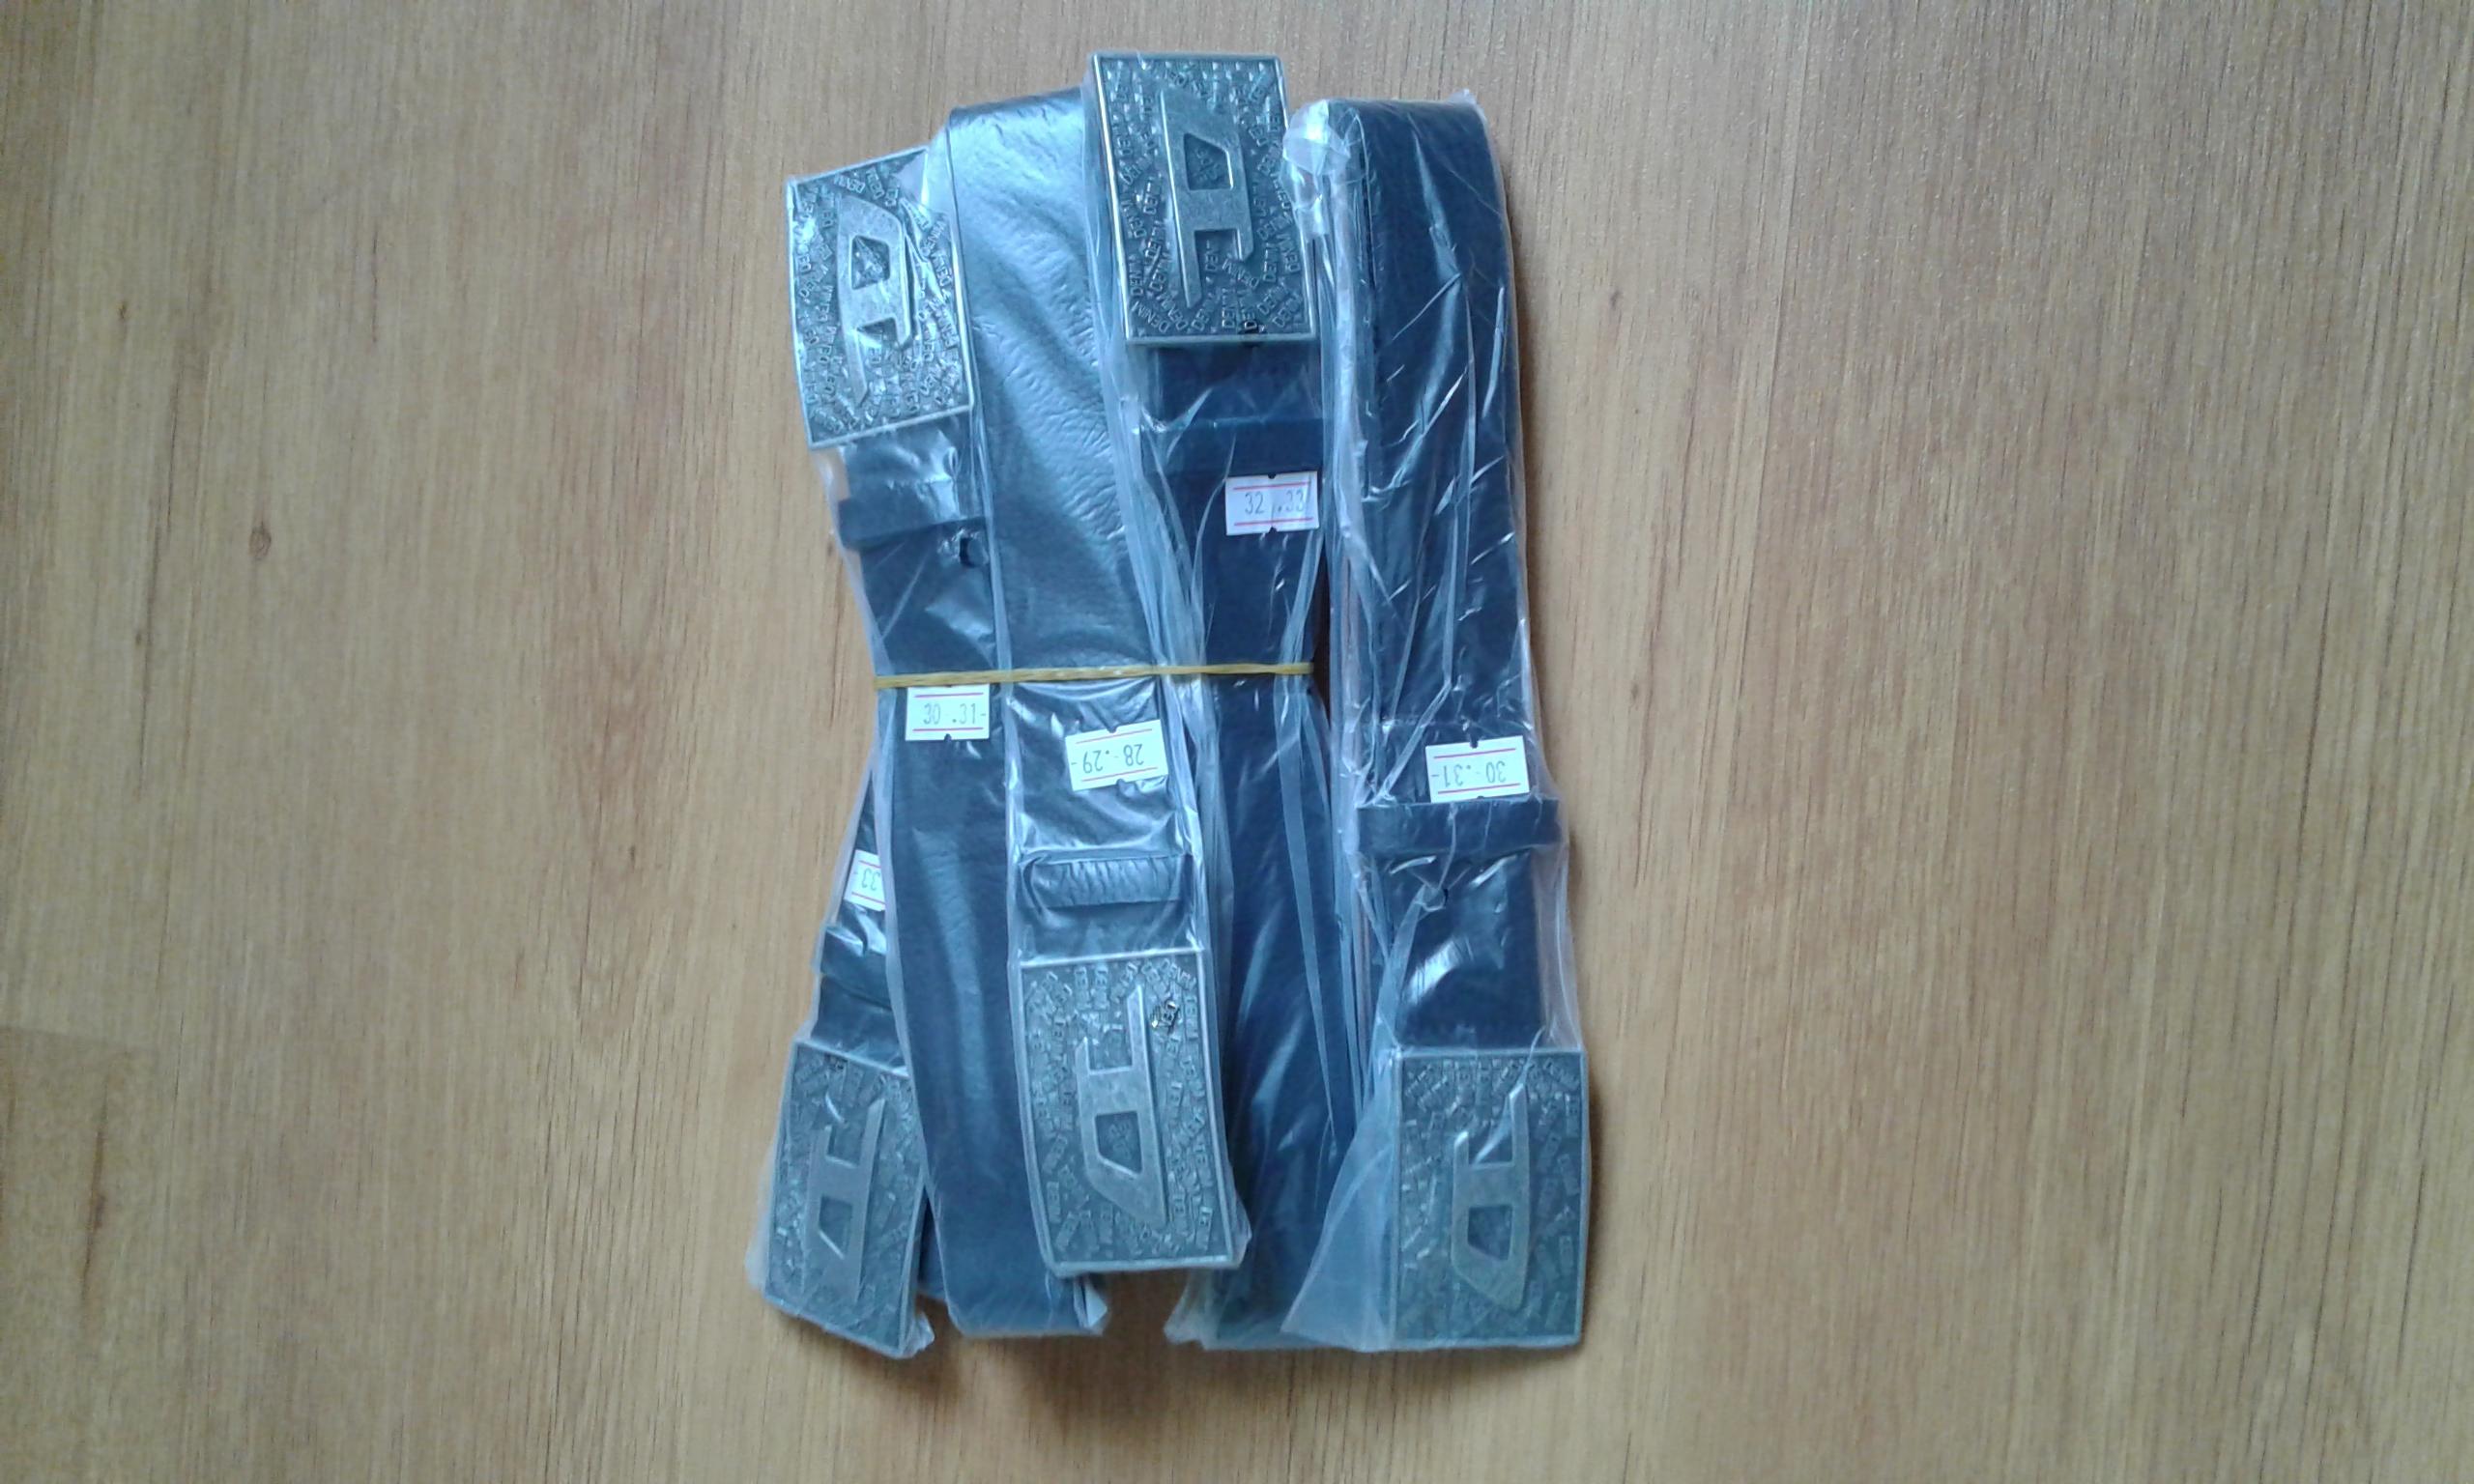 Суперские джинсы полубаталы 28 фото №7